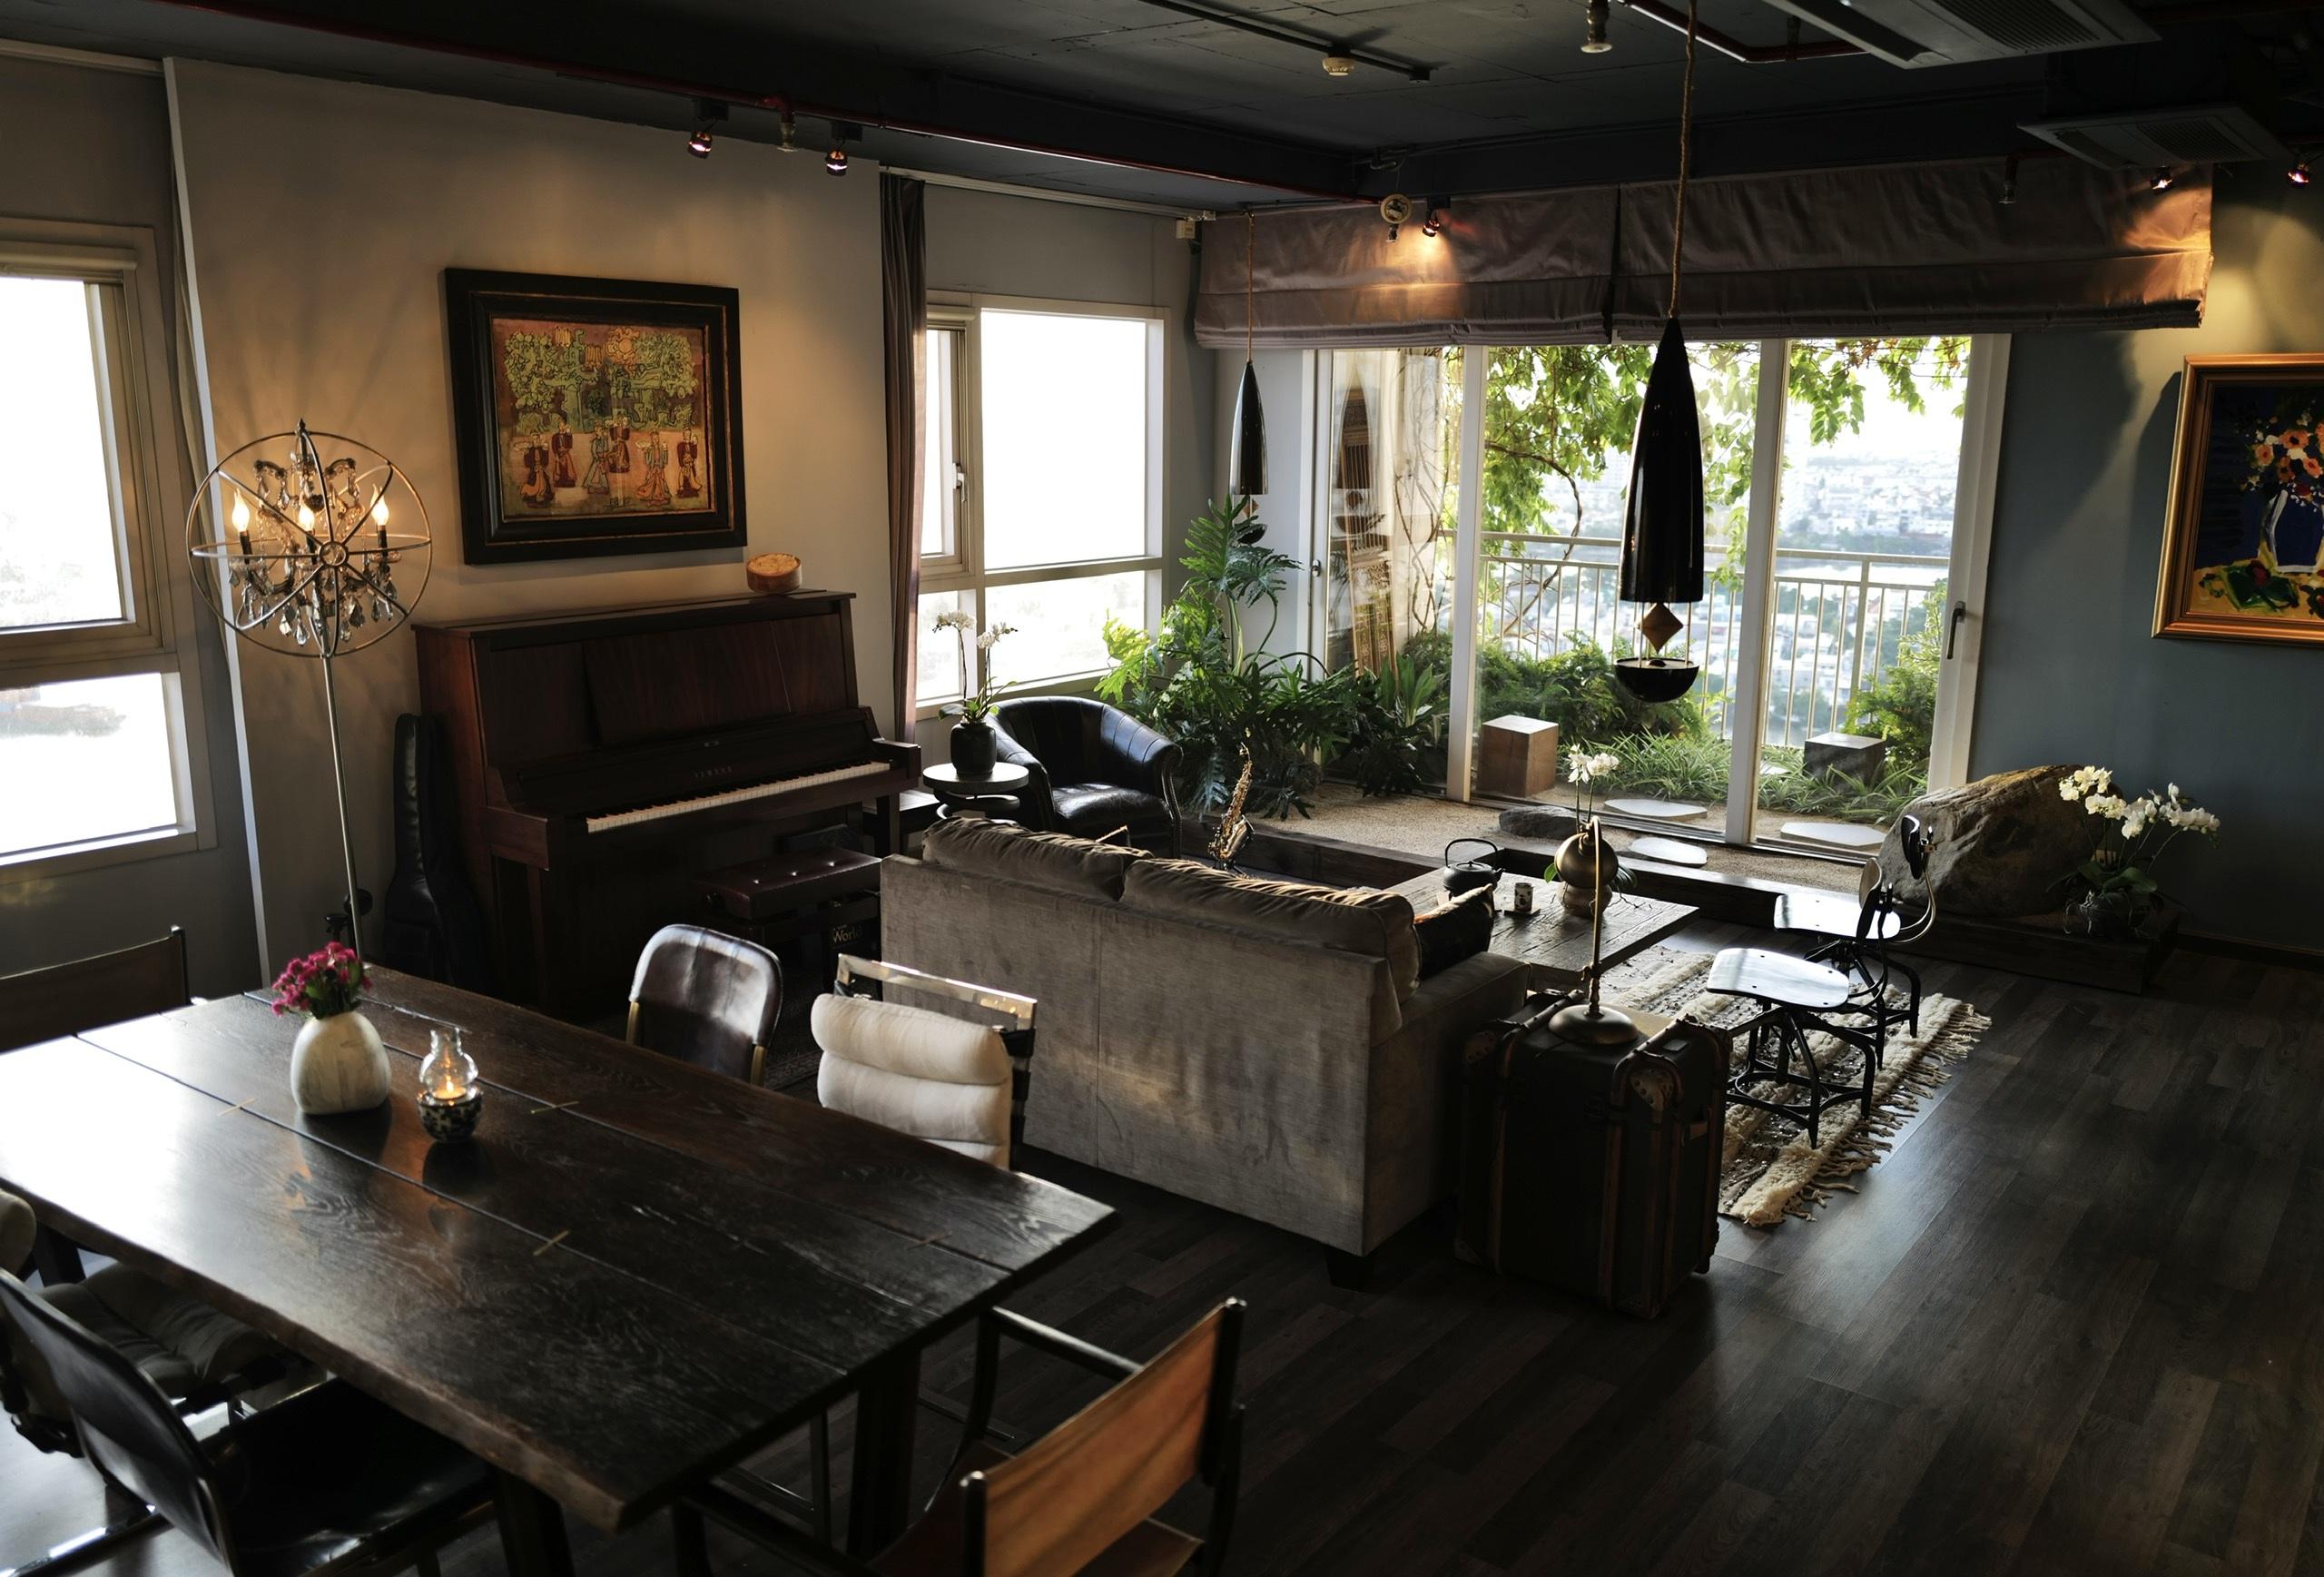 Cận cảnh căn hộ siêu sang nhưng đầy ấm cúng của ca sĩ Hồng Nhung - 2